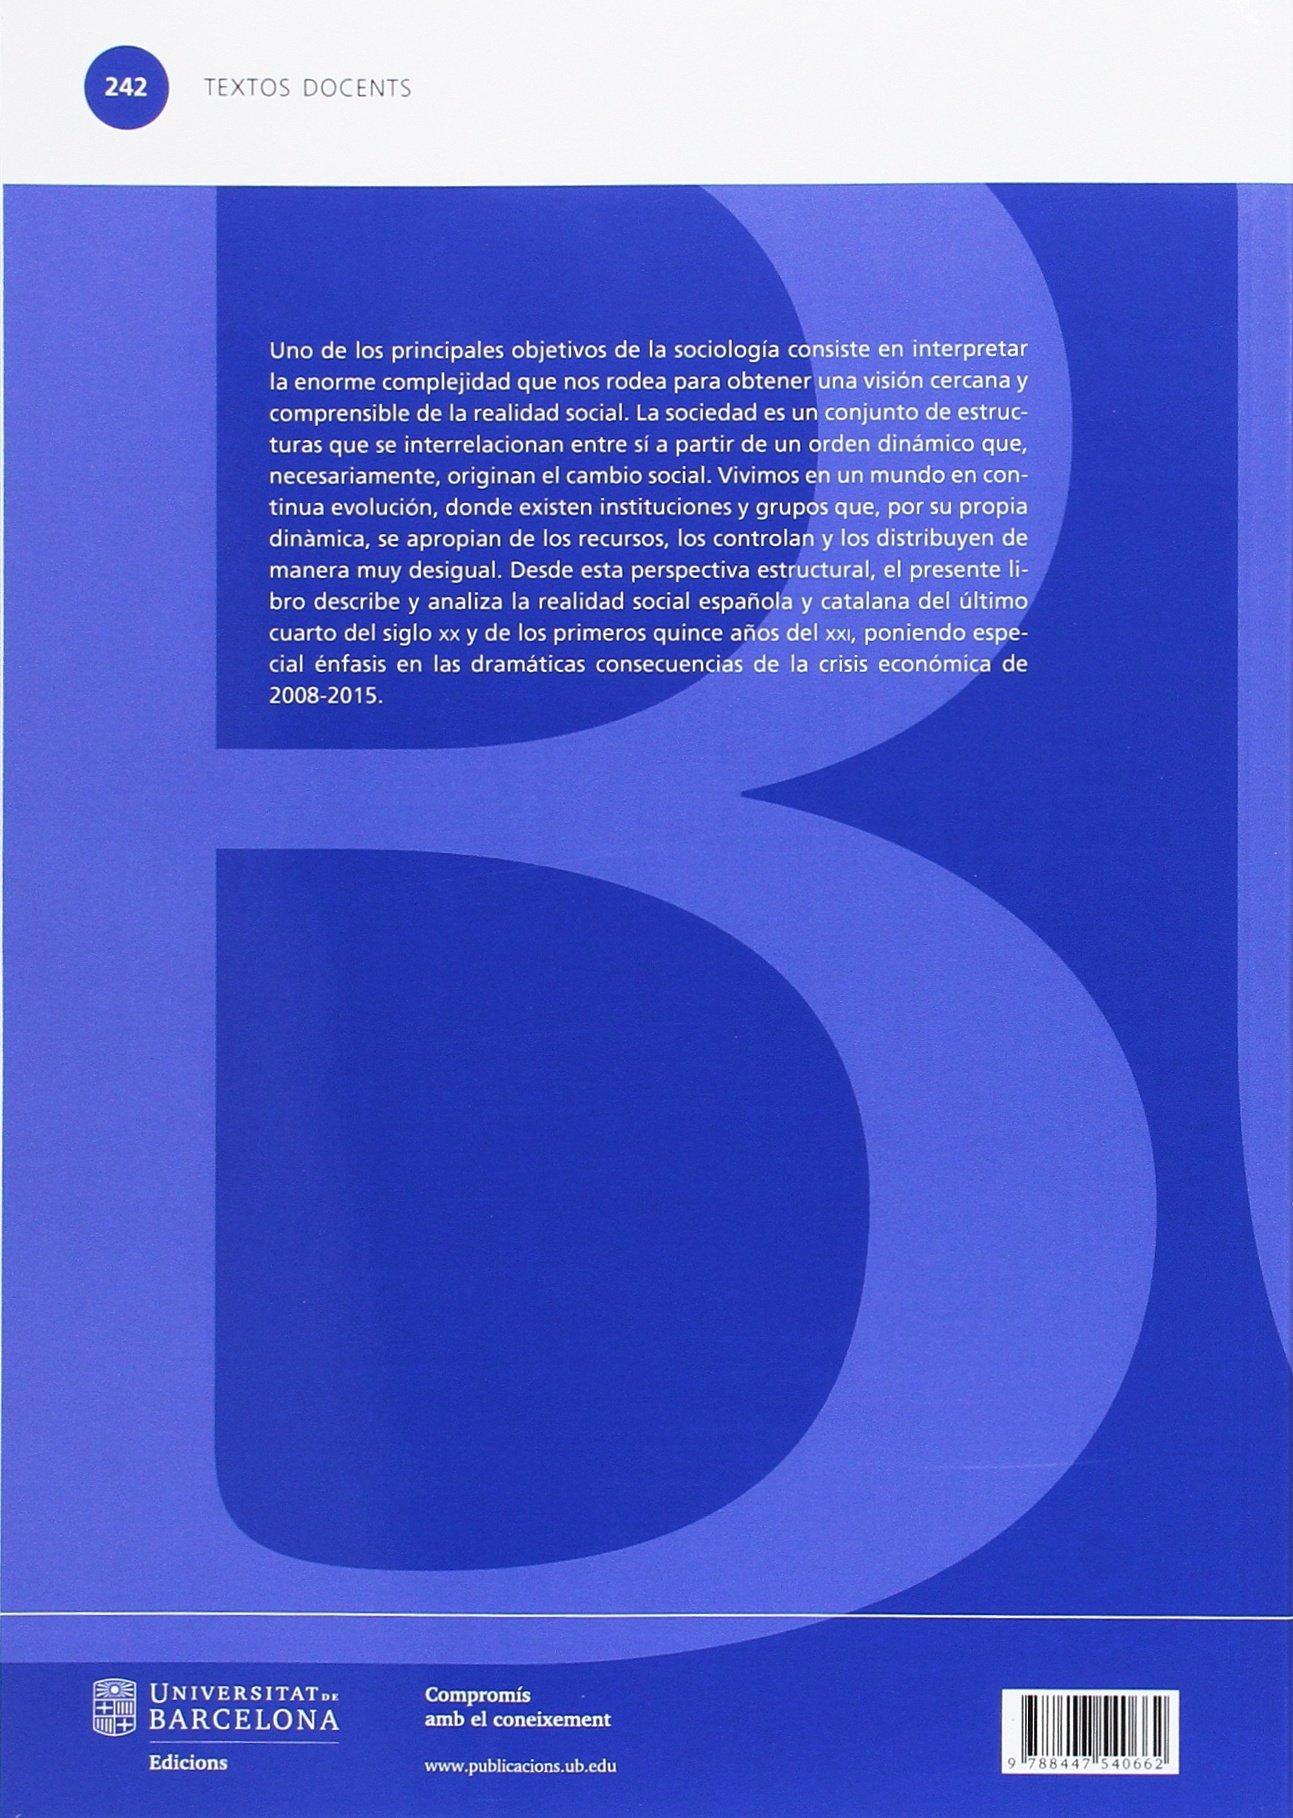 Estructura social en España y Cataluña 4ª ed. : 242 TEXTOS DOCENTS: Amazon.es: Climent Sanjuan, Victor: Libros